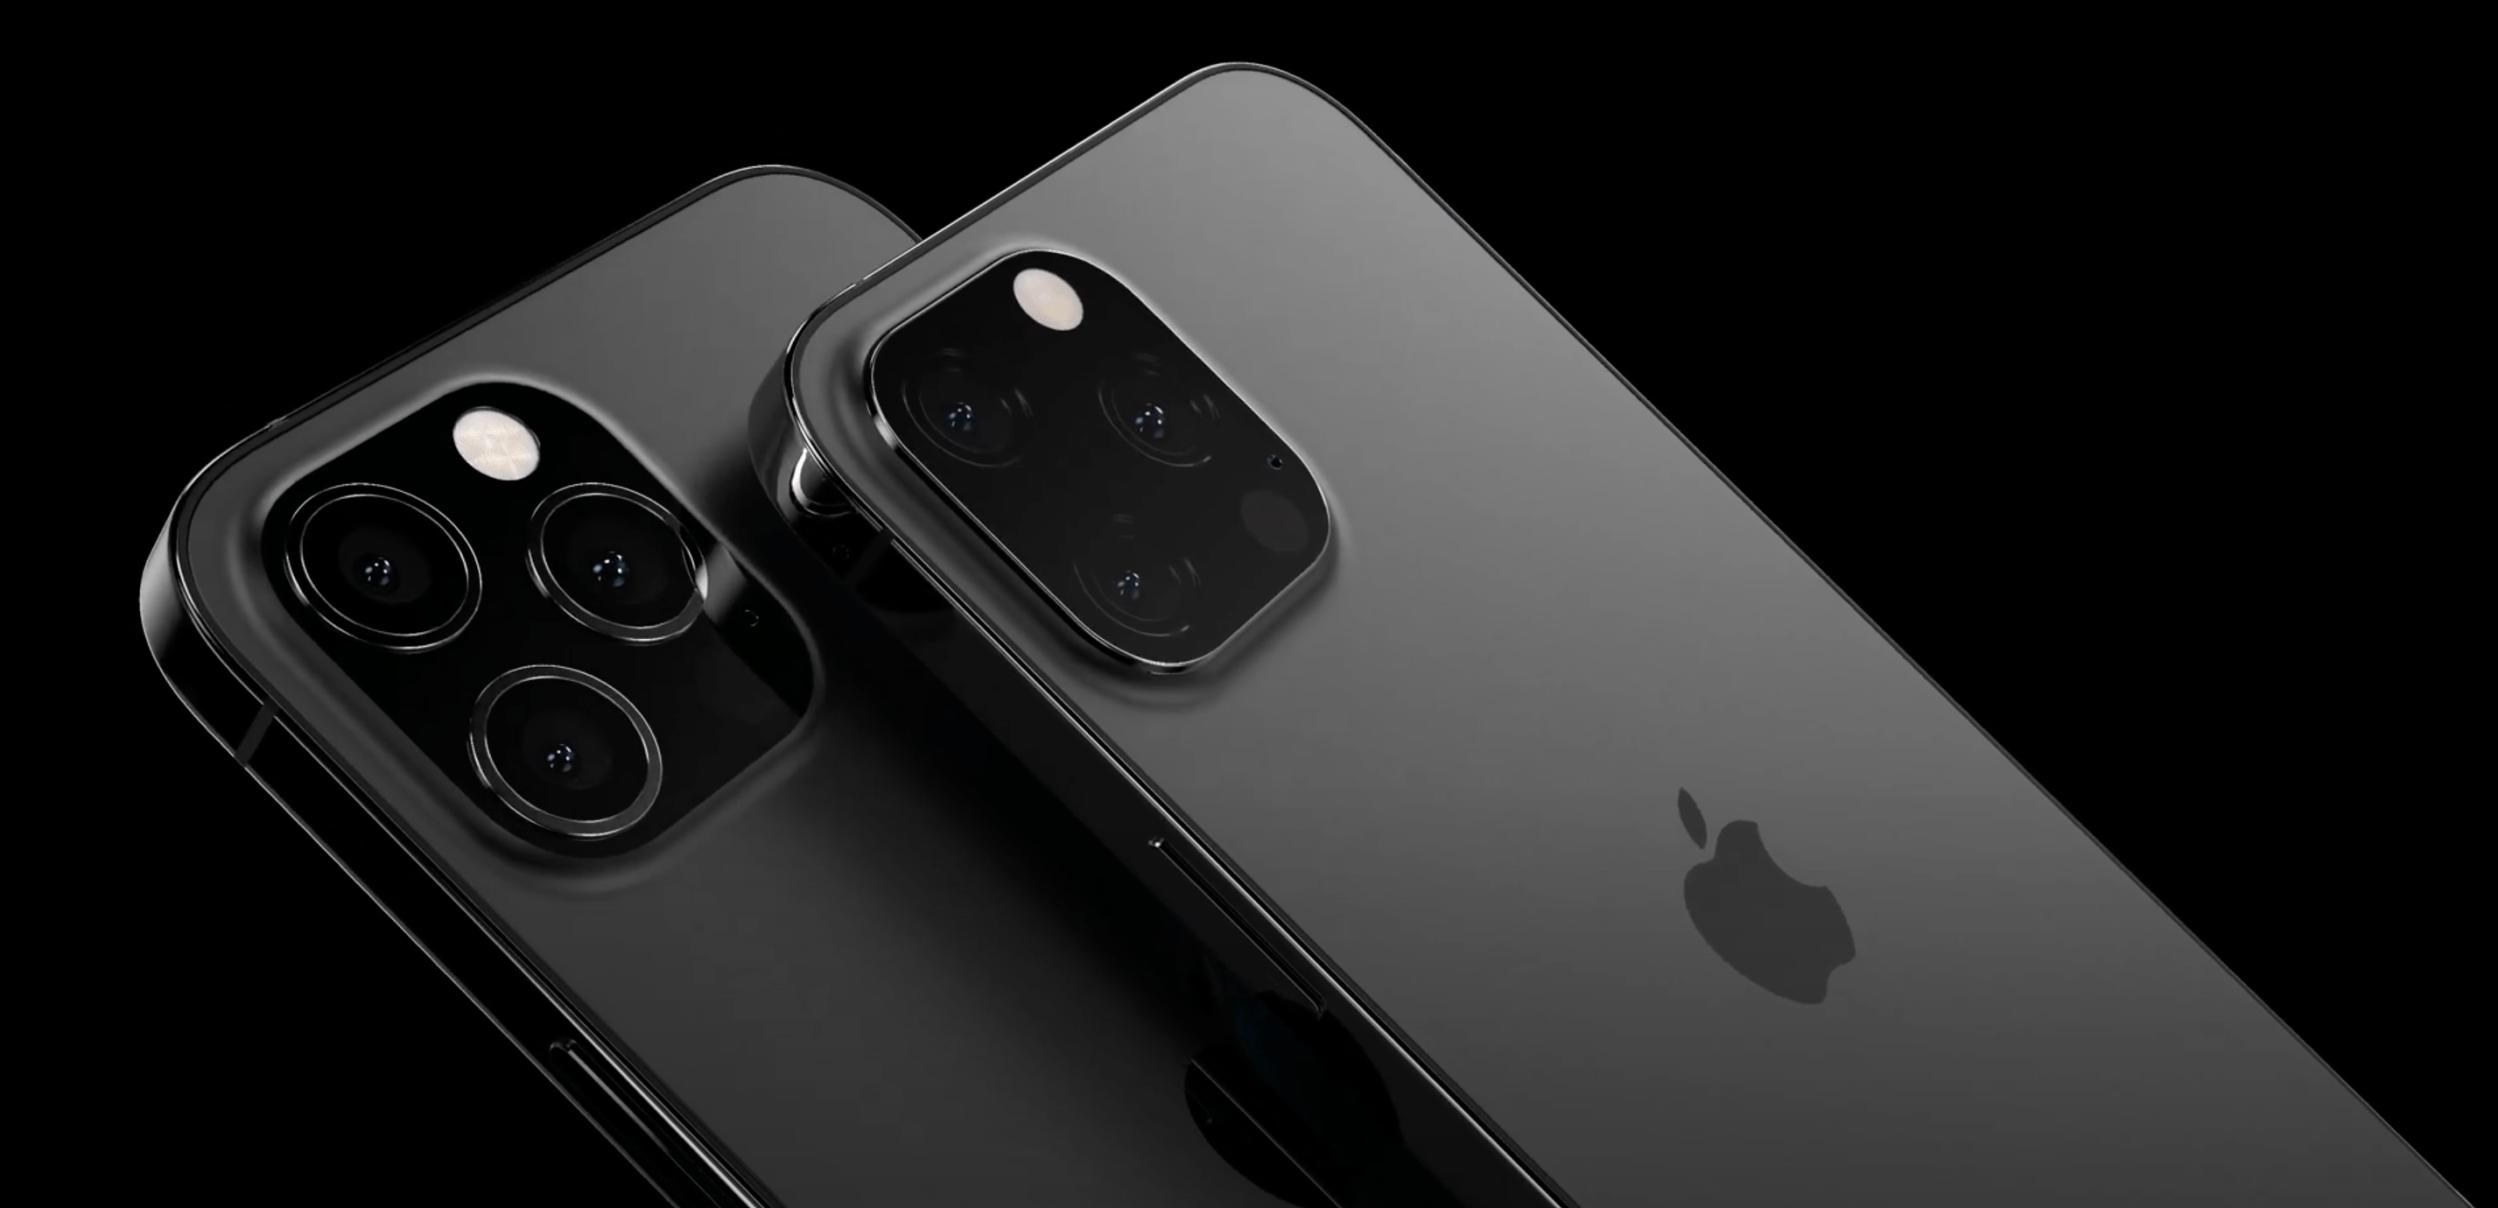 Cómo encontrar iPhone perdido, incluso si está apagado